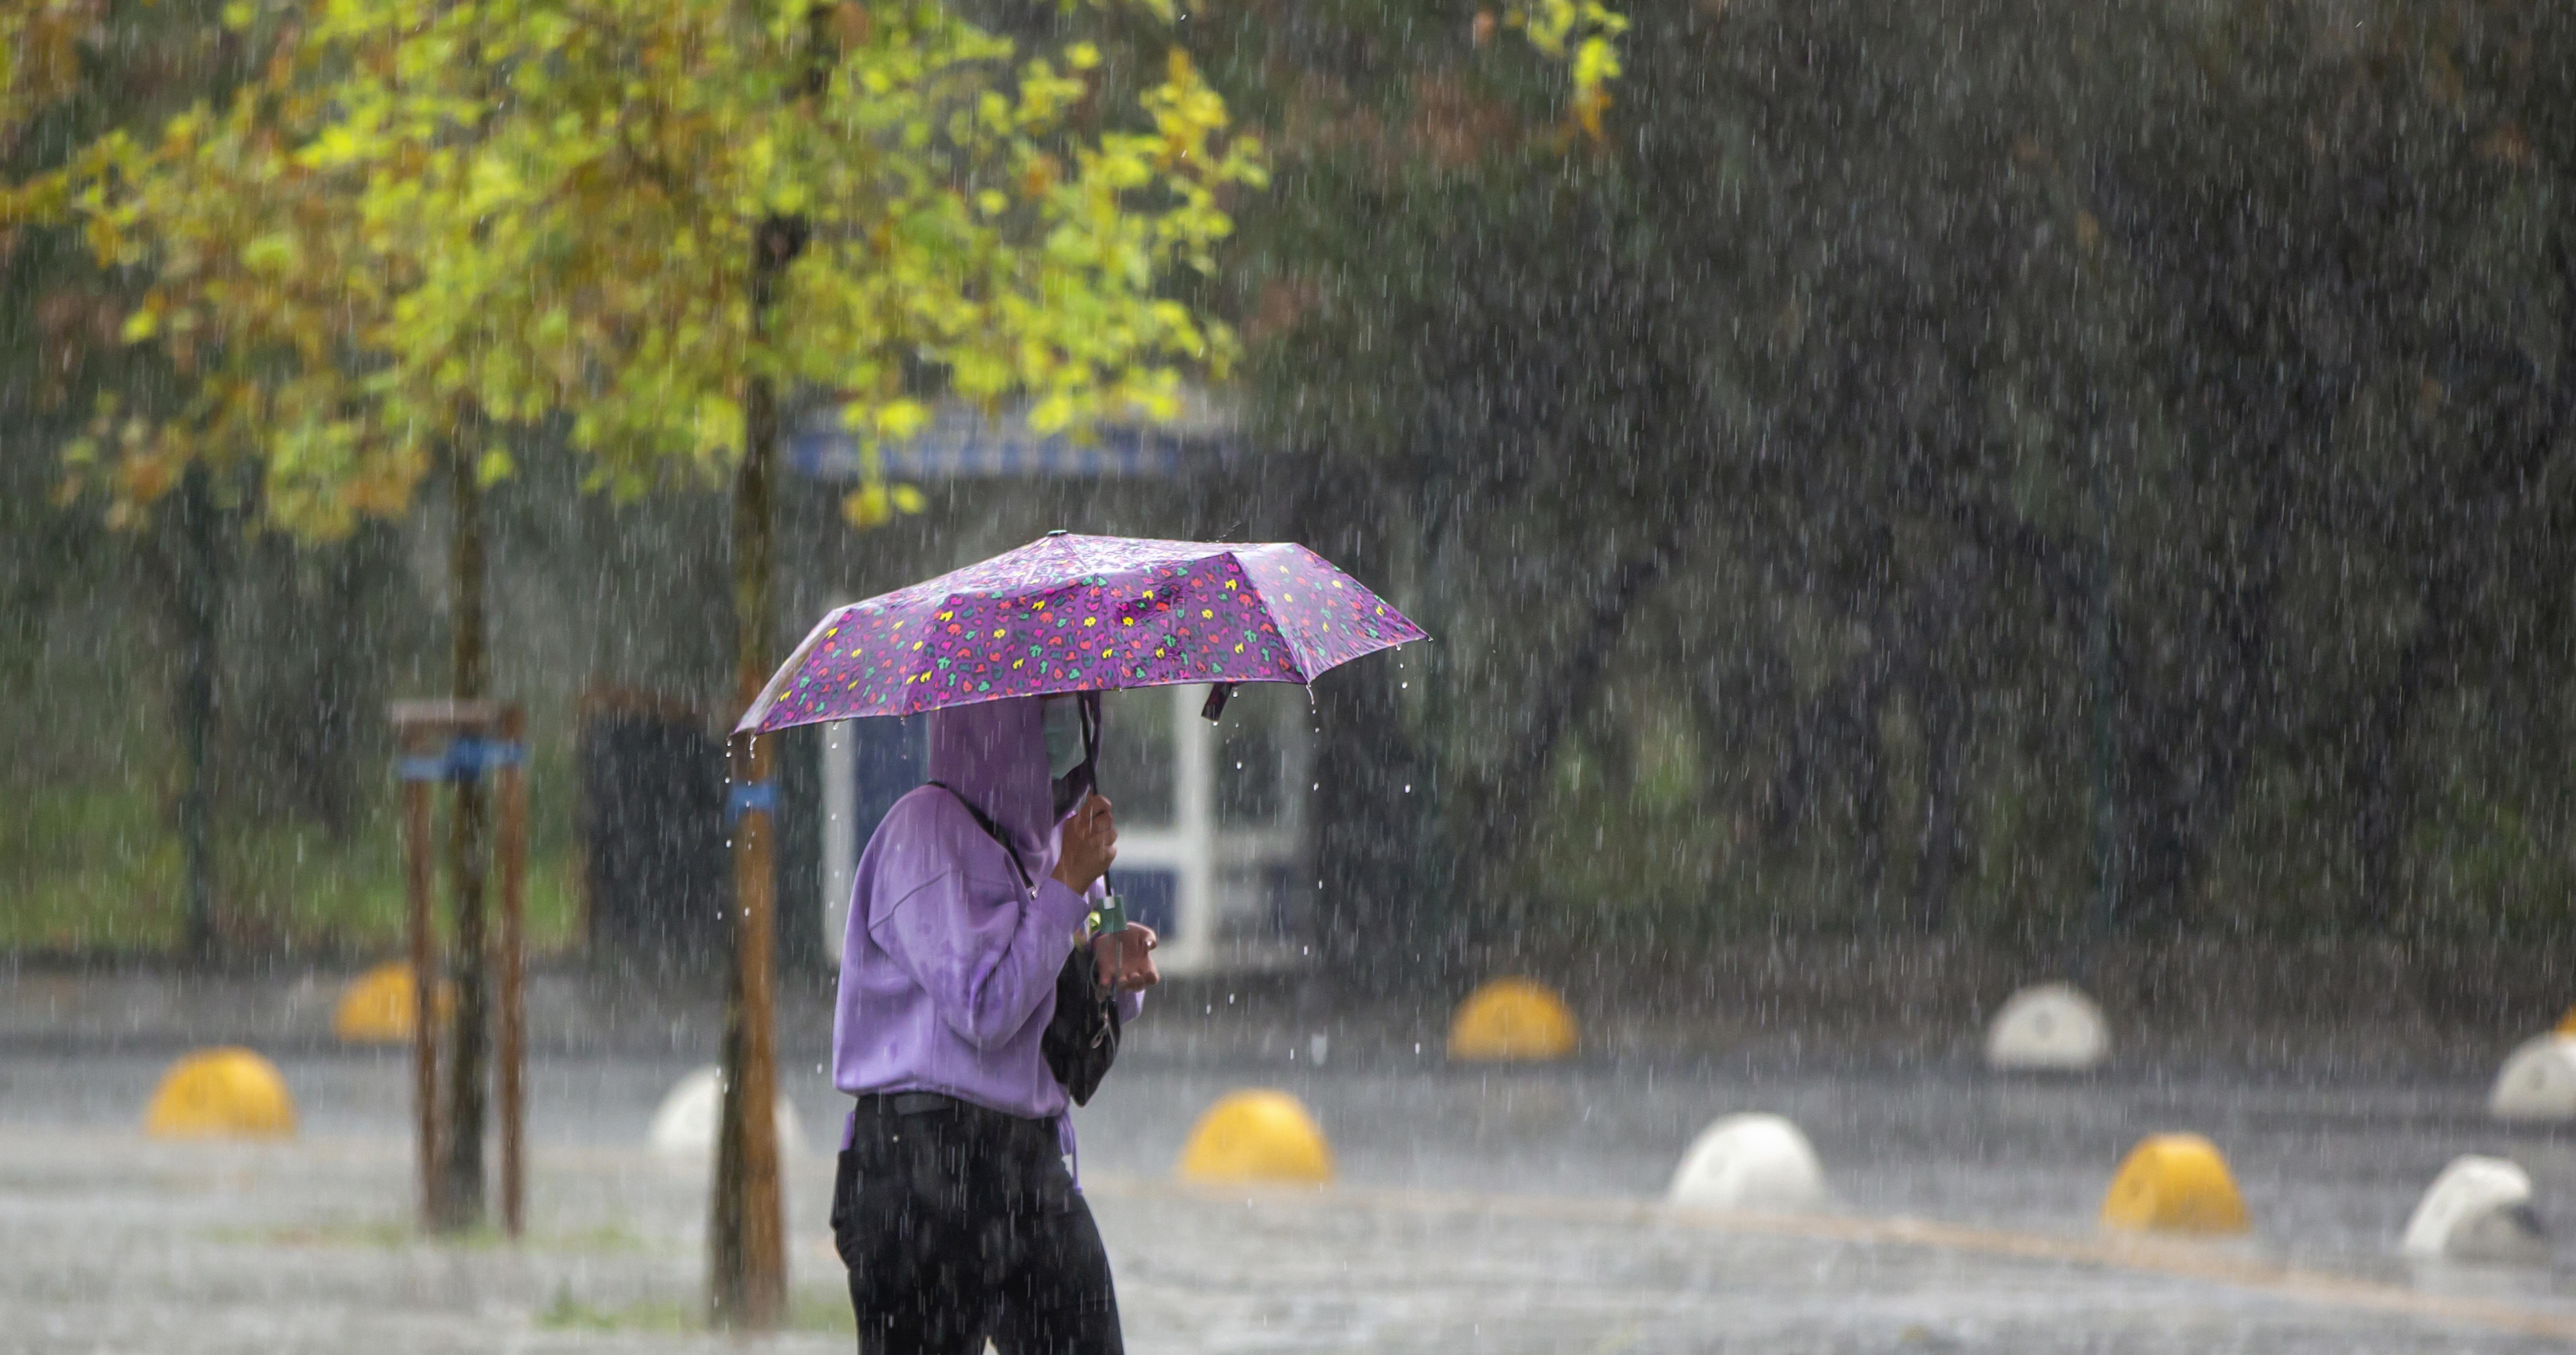 Codurile de vreme rea continuă și luni. În Dobrogea este cea mai ploioasă lună iunie din istoria măsurătorilor meteorologice